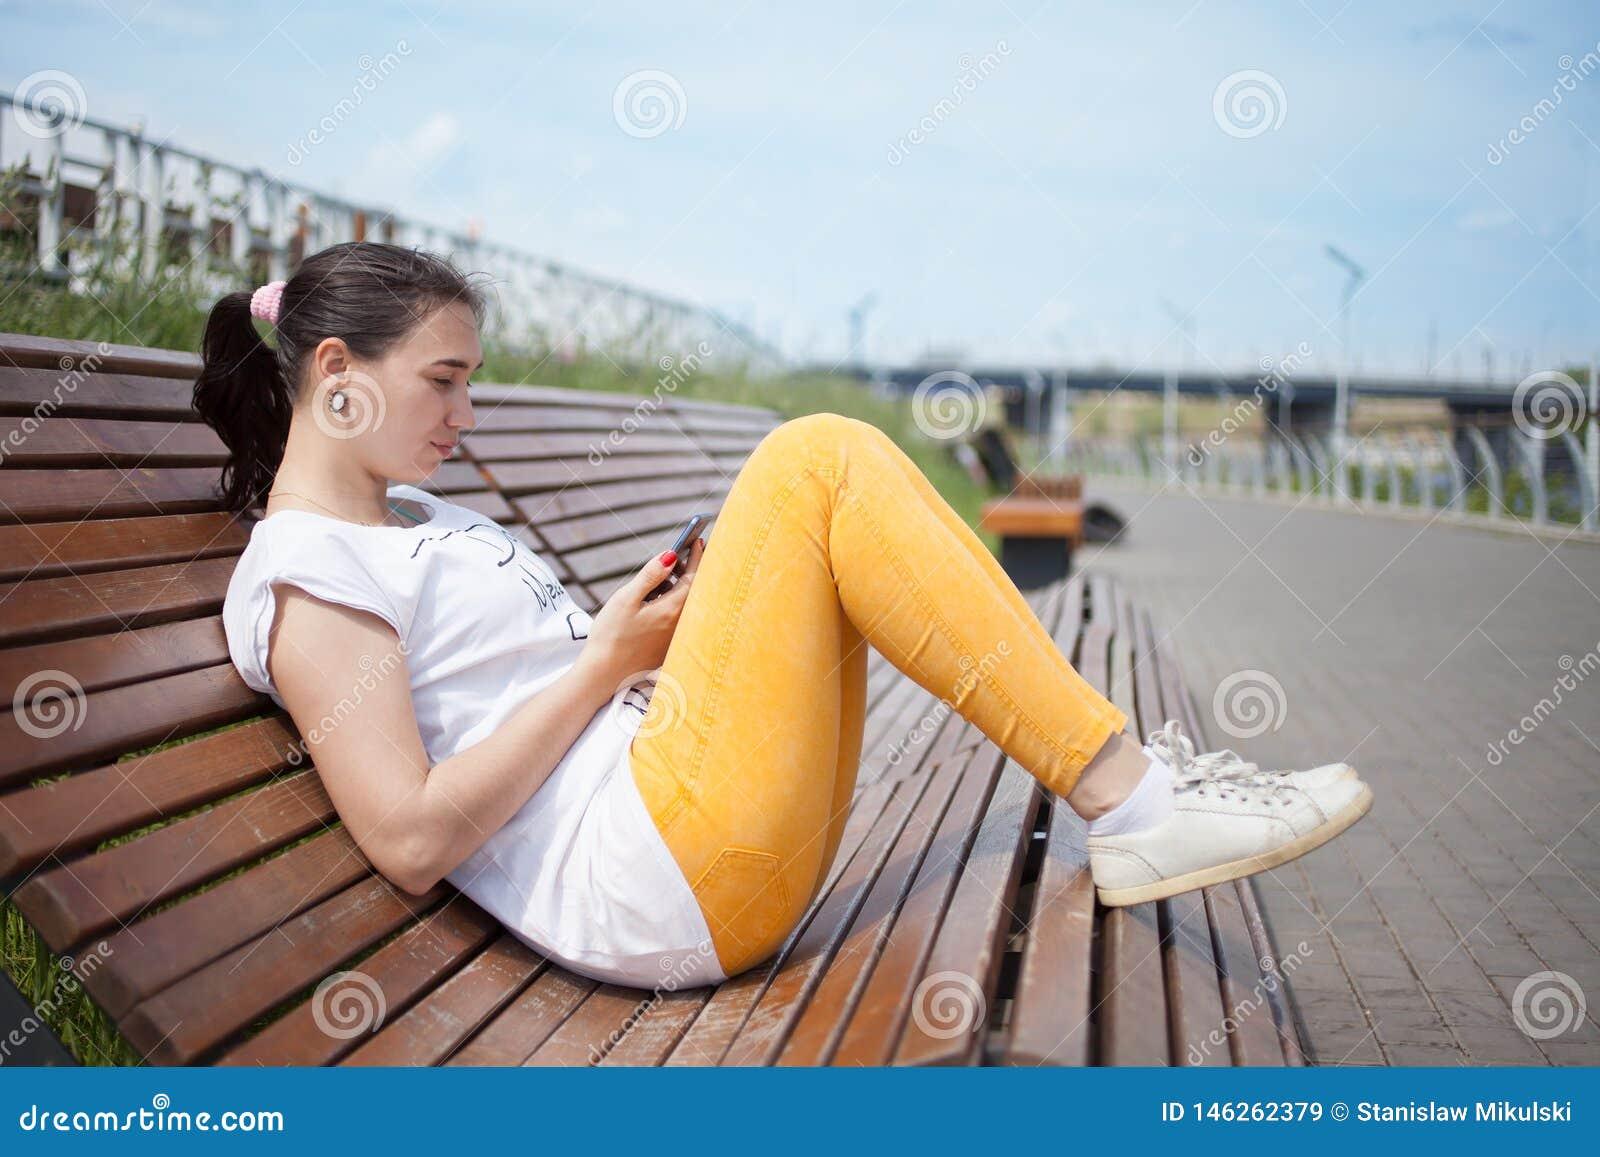 Όμορφη συνεδρίαση κοριτσιών στον πάγκο στο πάρκο με το τηλέφωνο στα χέρια